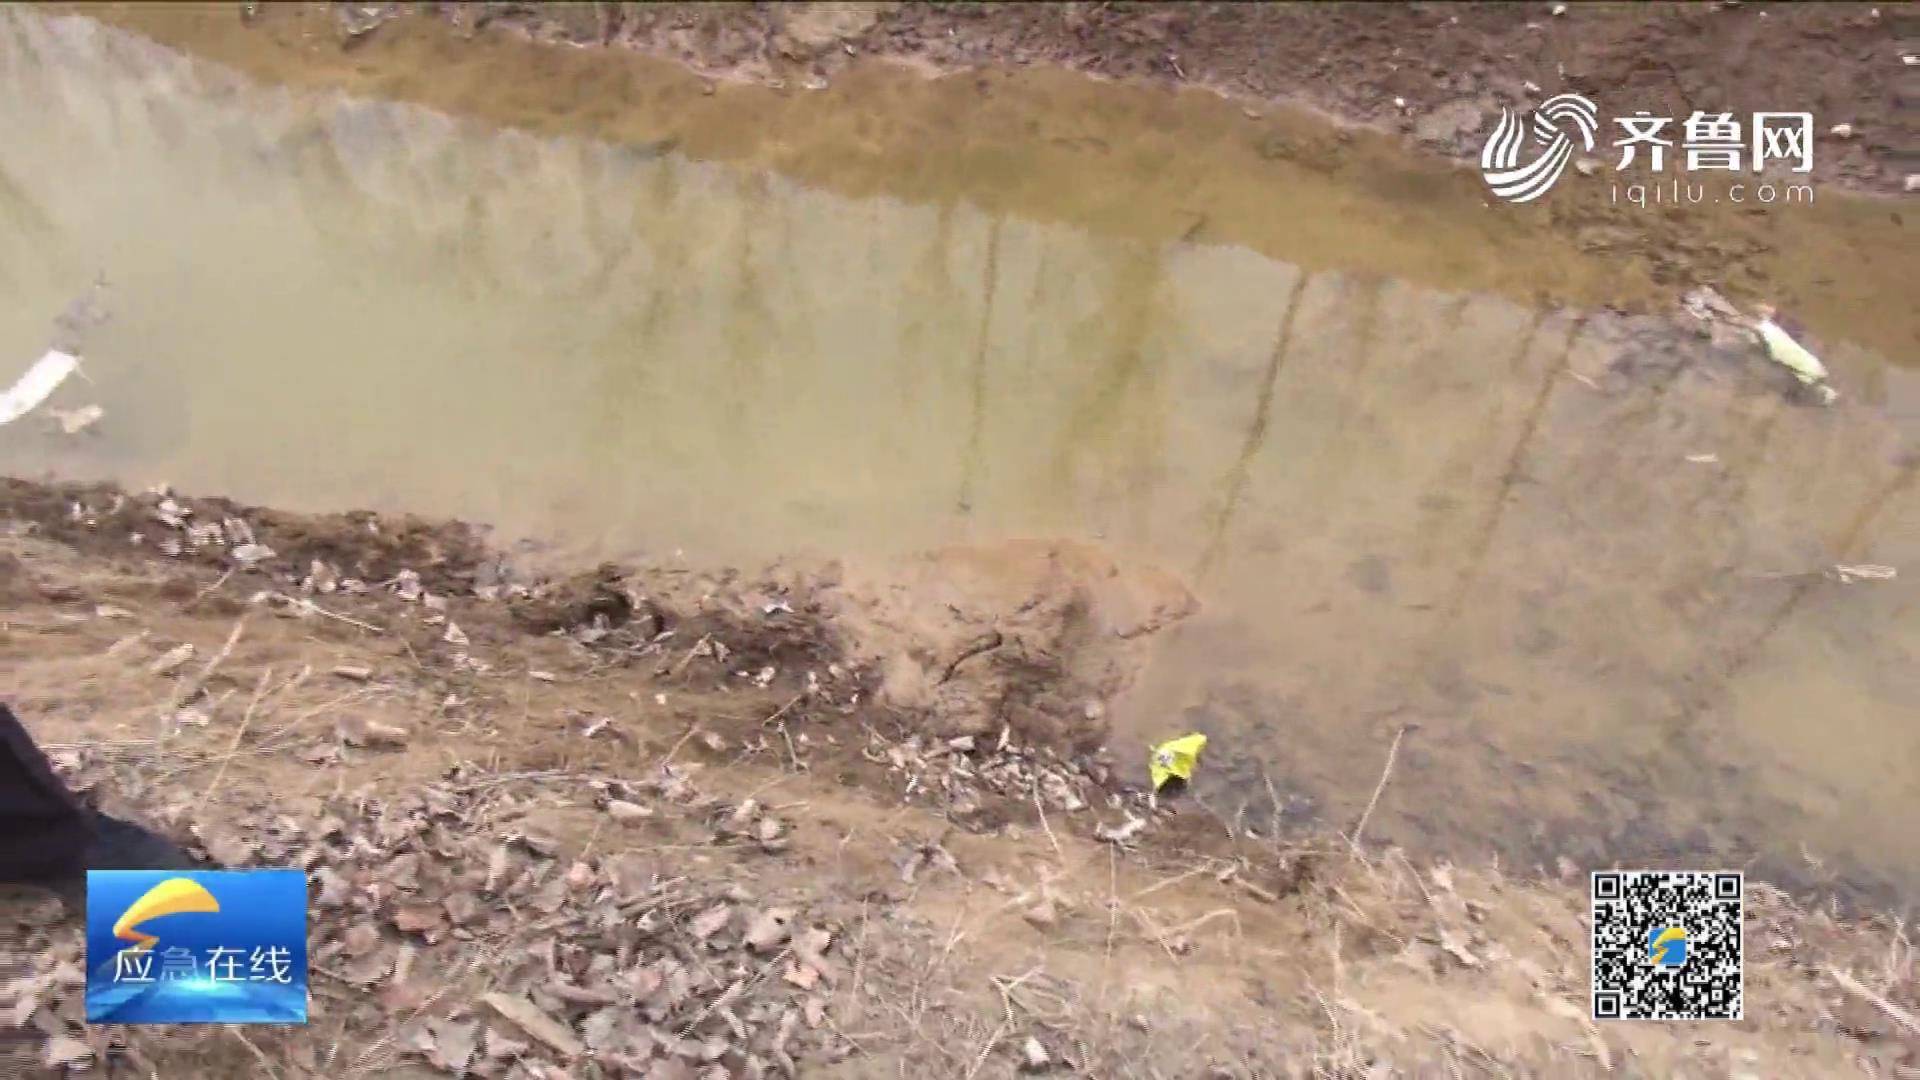 《应急在线》20210228:两男童不慎落水 好心人暖心施救